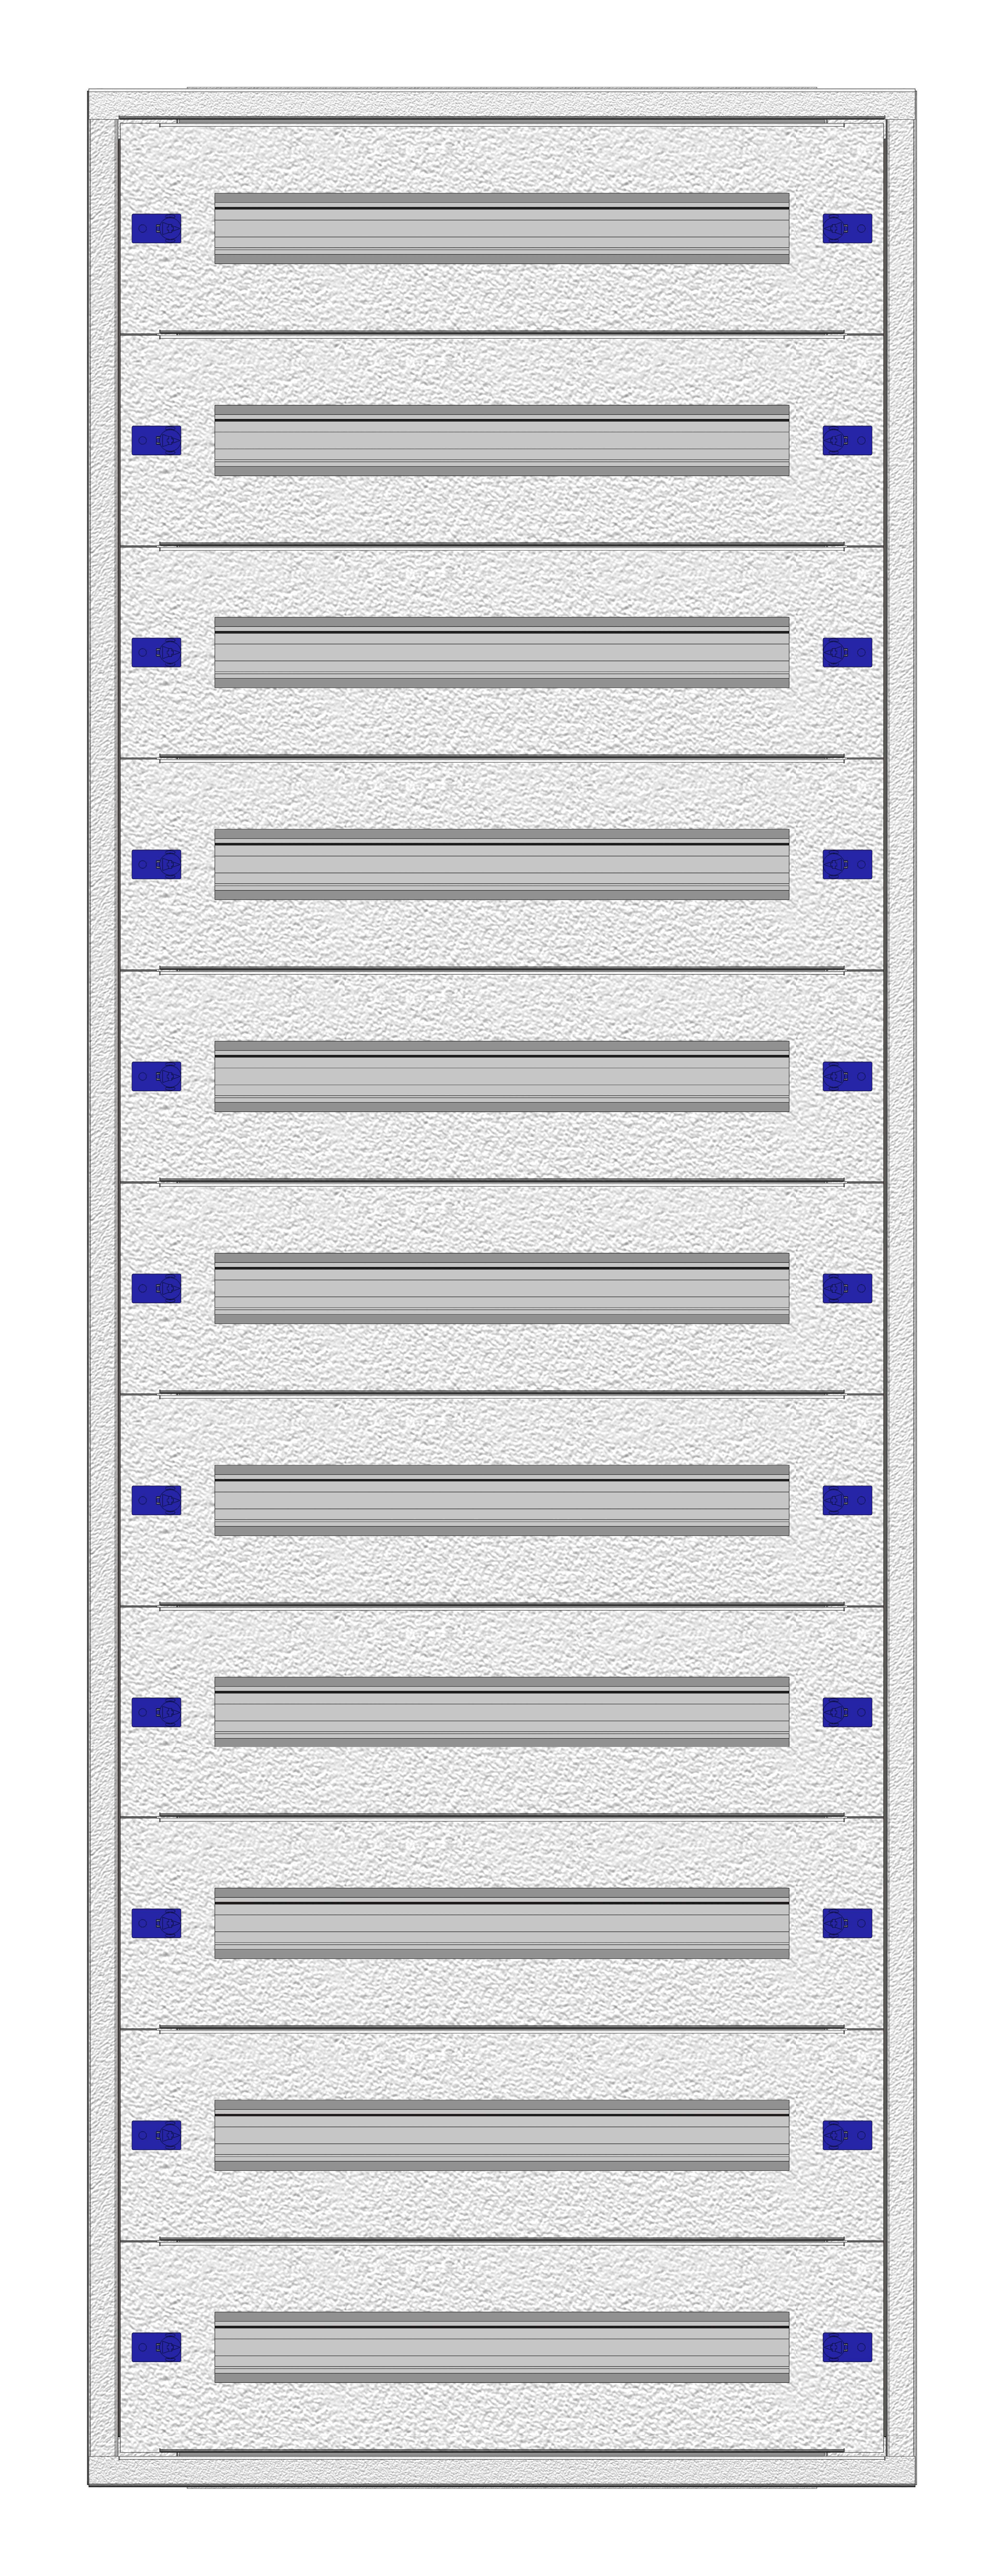 1 Stk Aufputz-Installationsverteiler 2A-33K, H1605B590T250mm IL172233AS